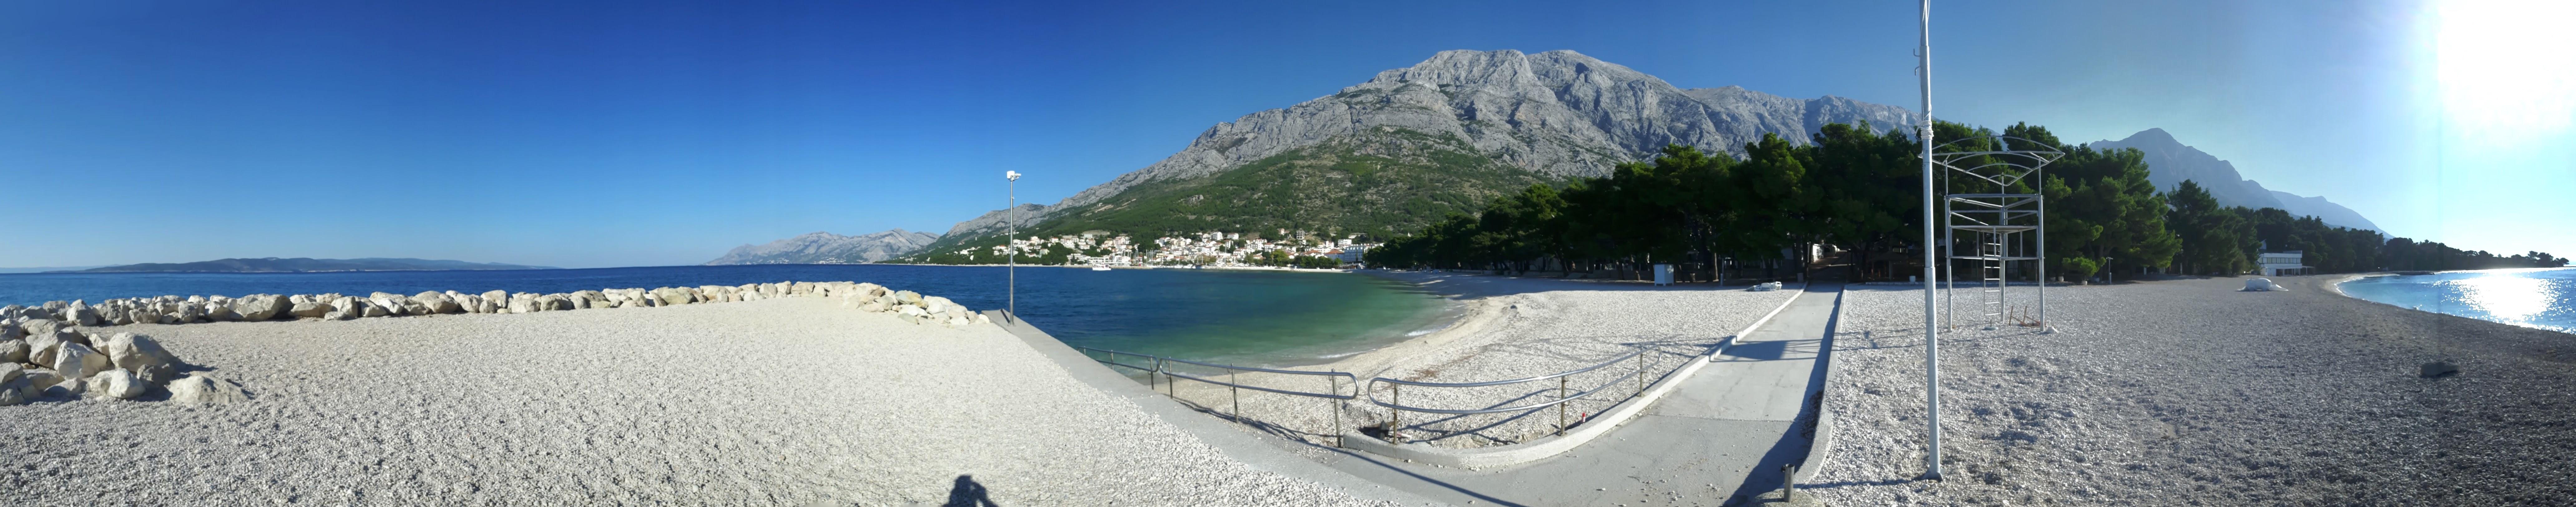 wetter in kroatien heute